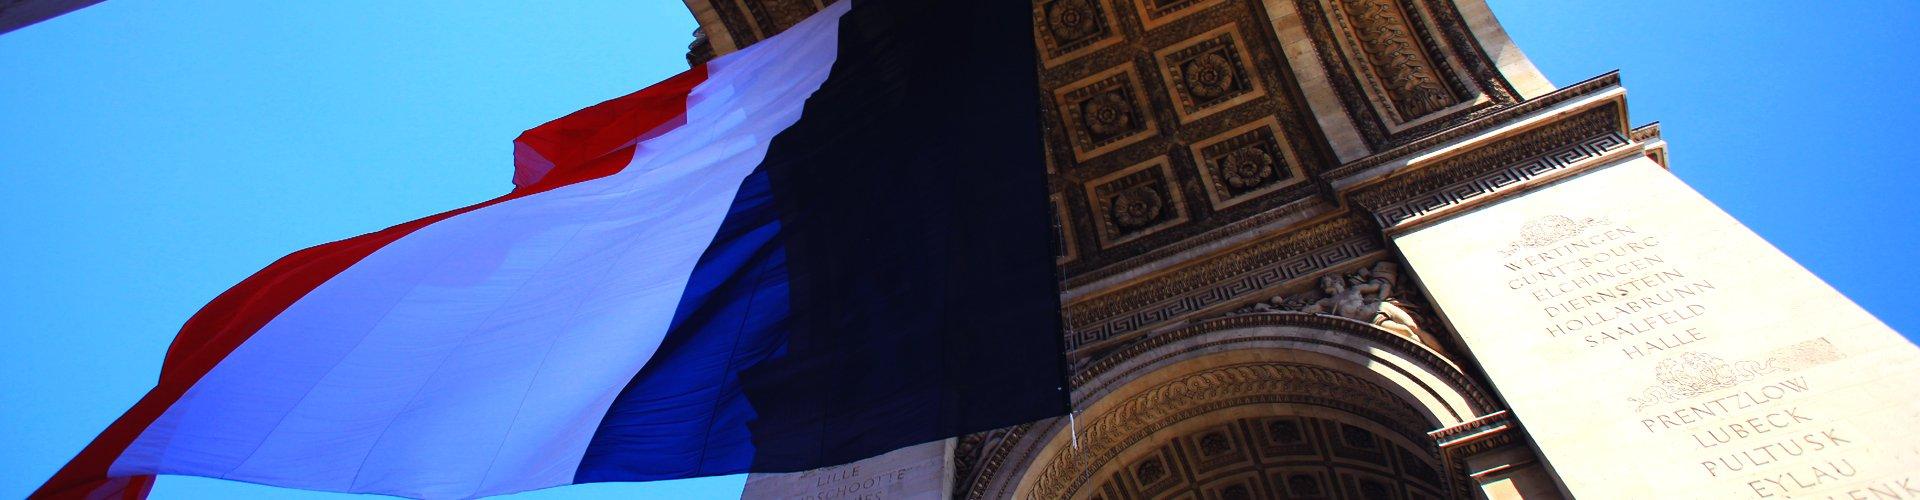 Arc de Triomphe in Parijs, Frankrijk